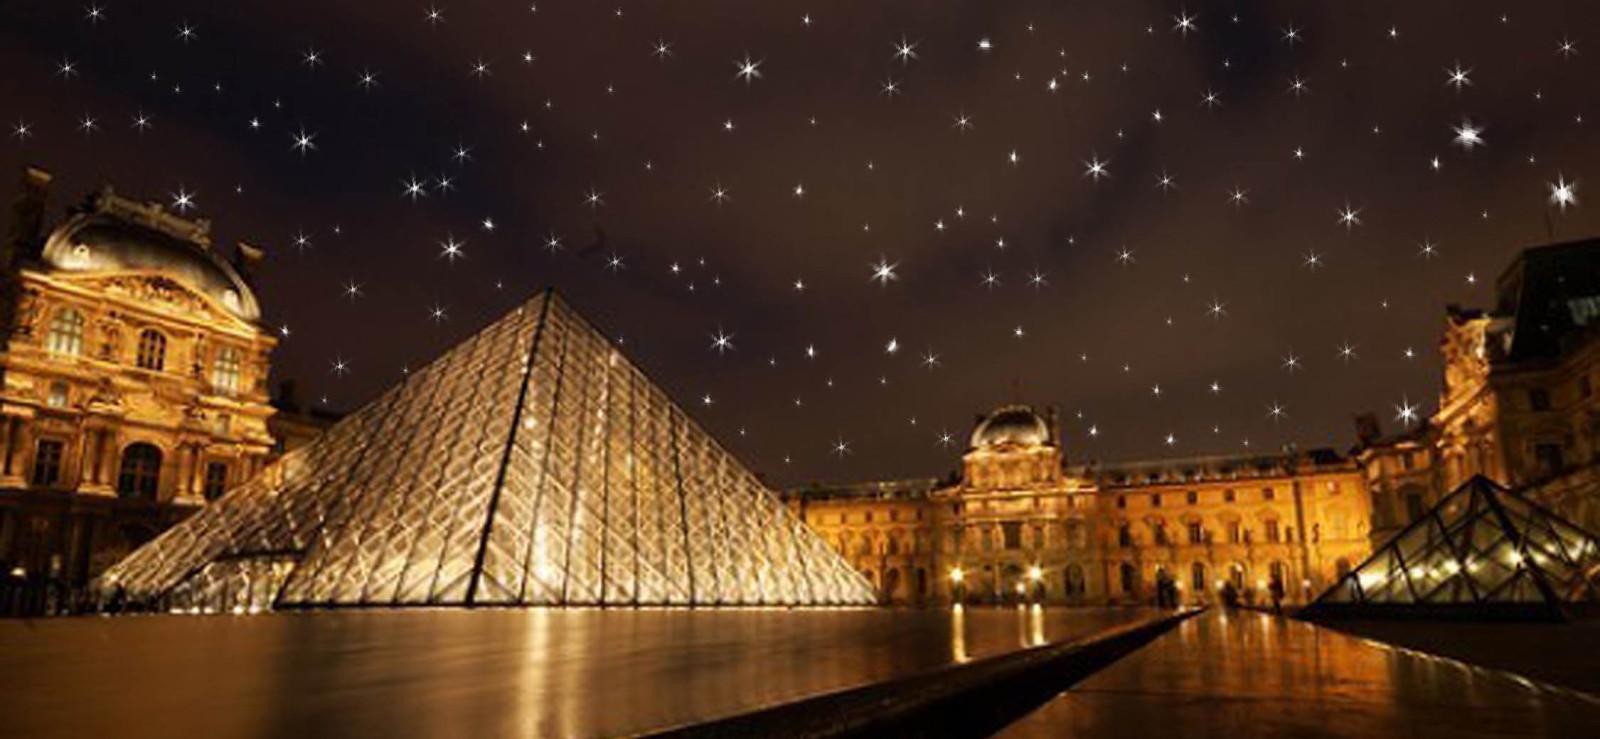 Louvre_esoterique_da_vinci_code_napoleon_secrest_visite_nocturne_paves_secrets_hotel sevres_saint_germain